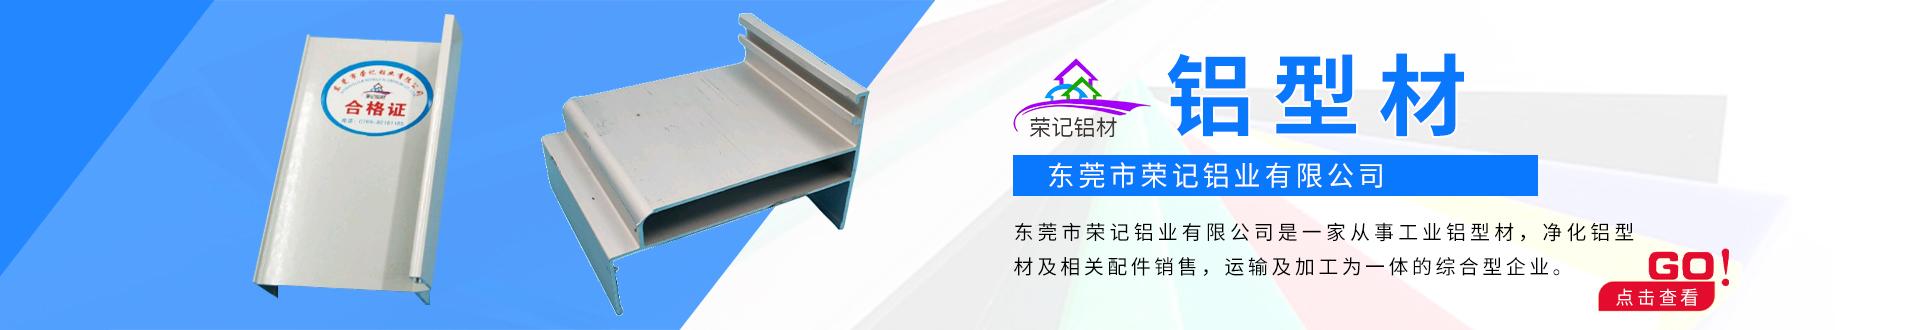 东莞市荣记铝业有限公司